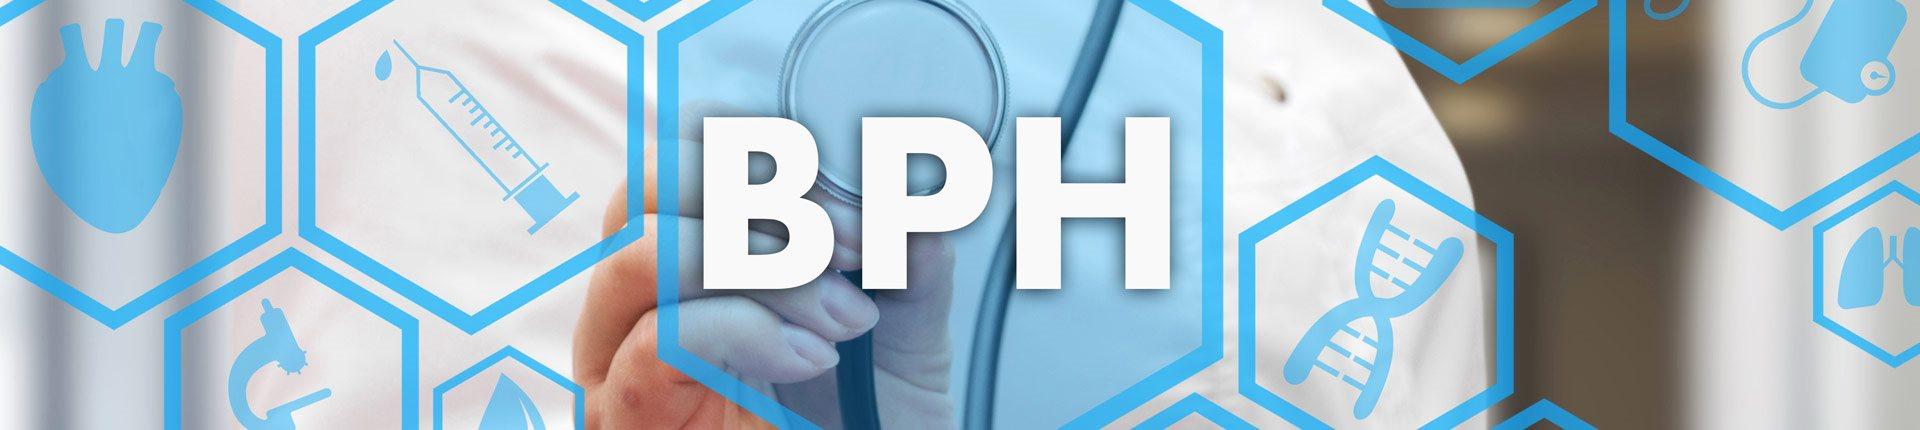 Łagodny rozrost gruczołu krokowego (BPH)